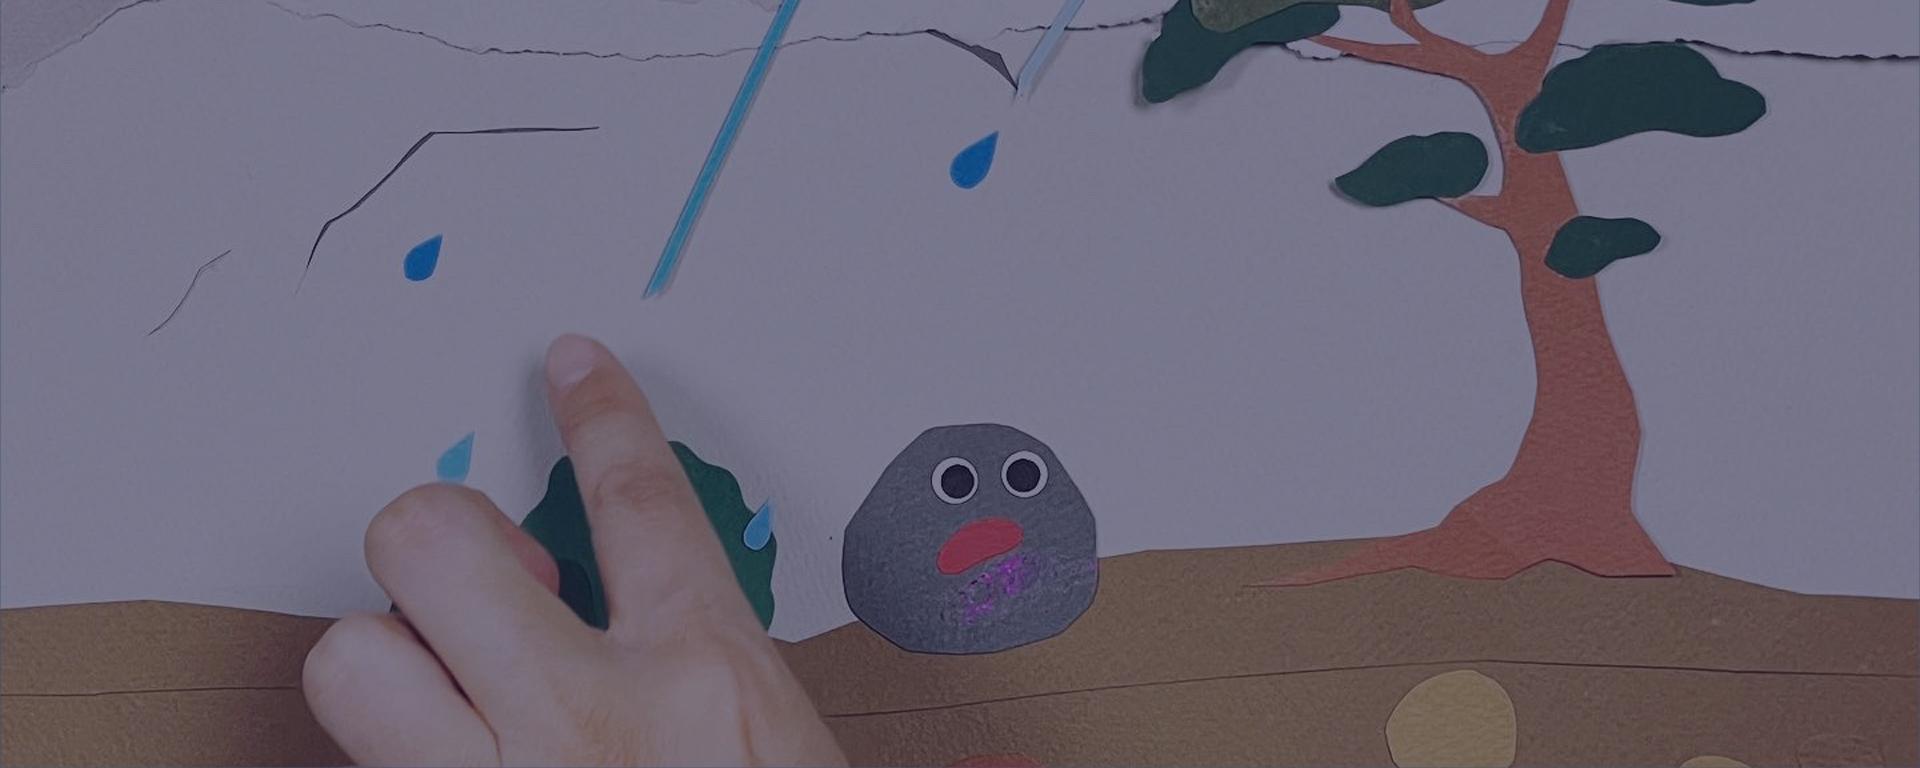 문수현의 소리동화 제작 참여